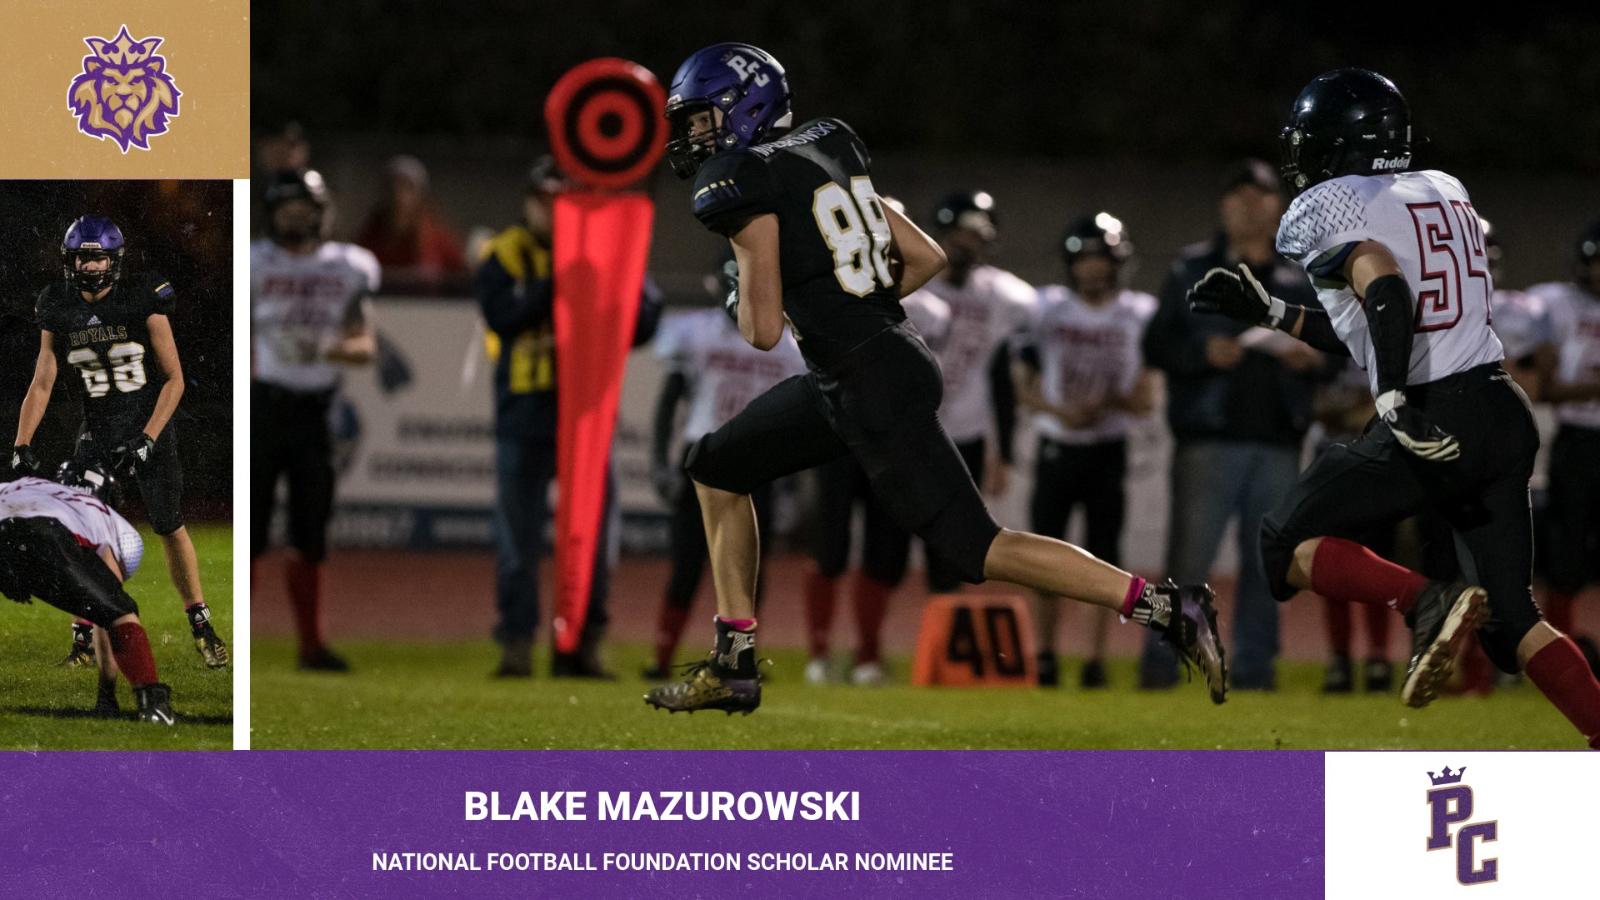 Blake Mazurowski Recognized